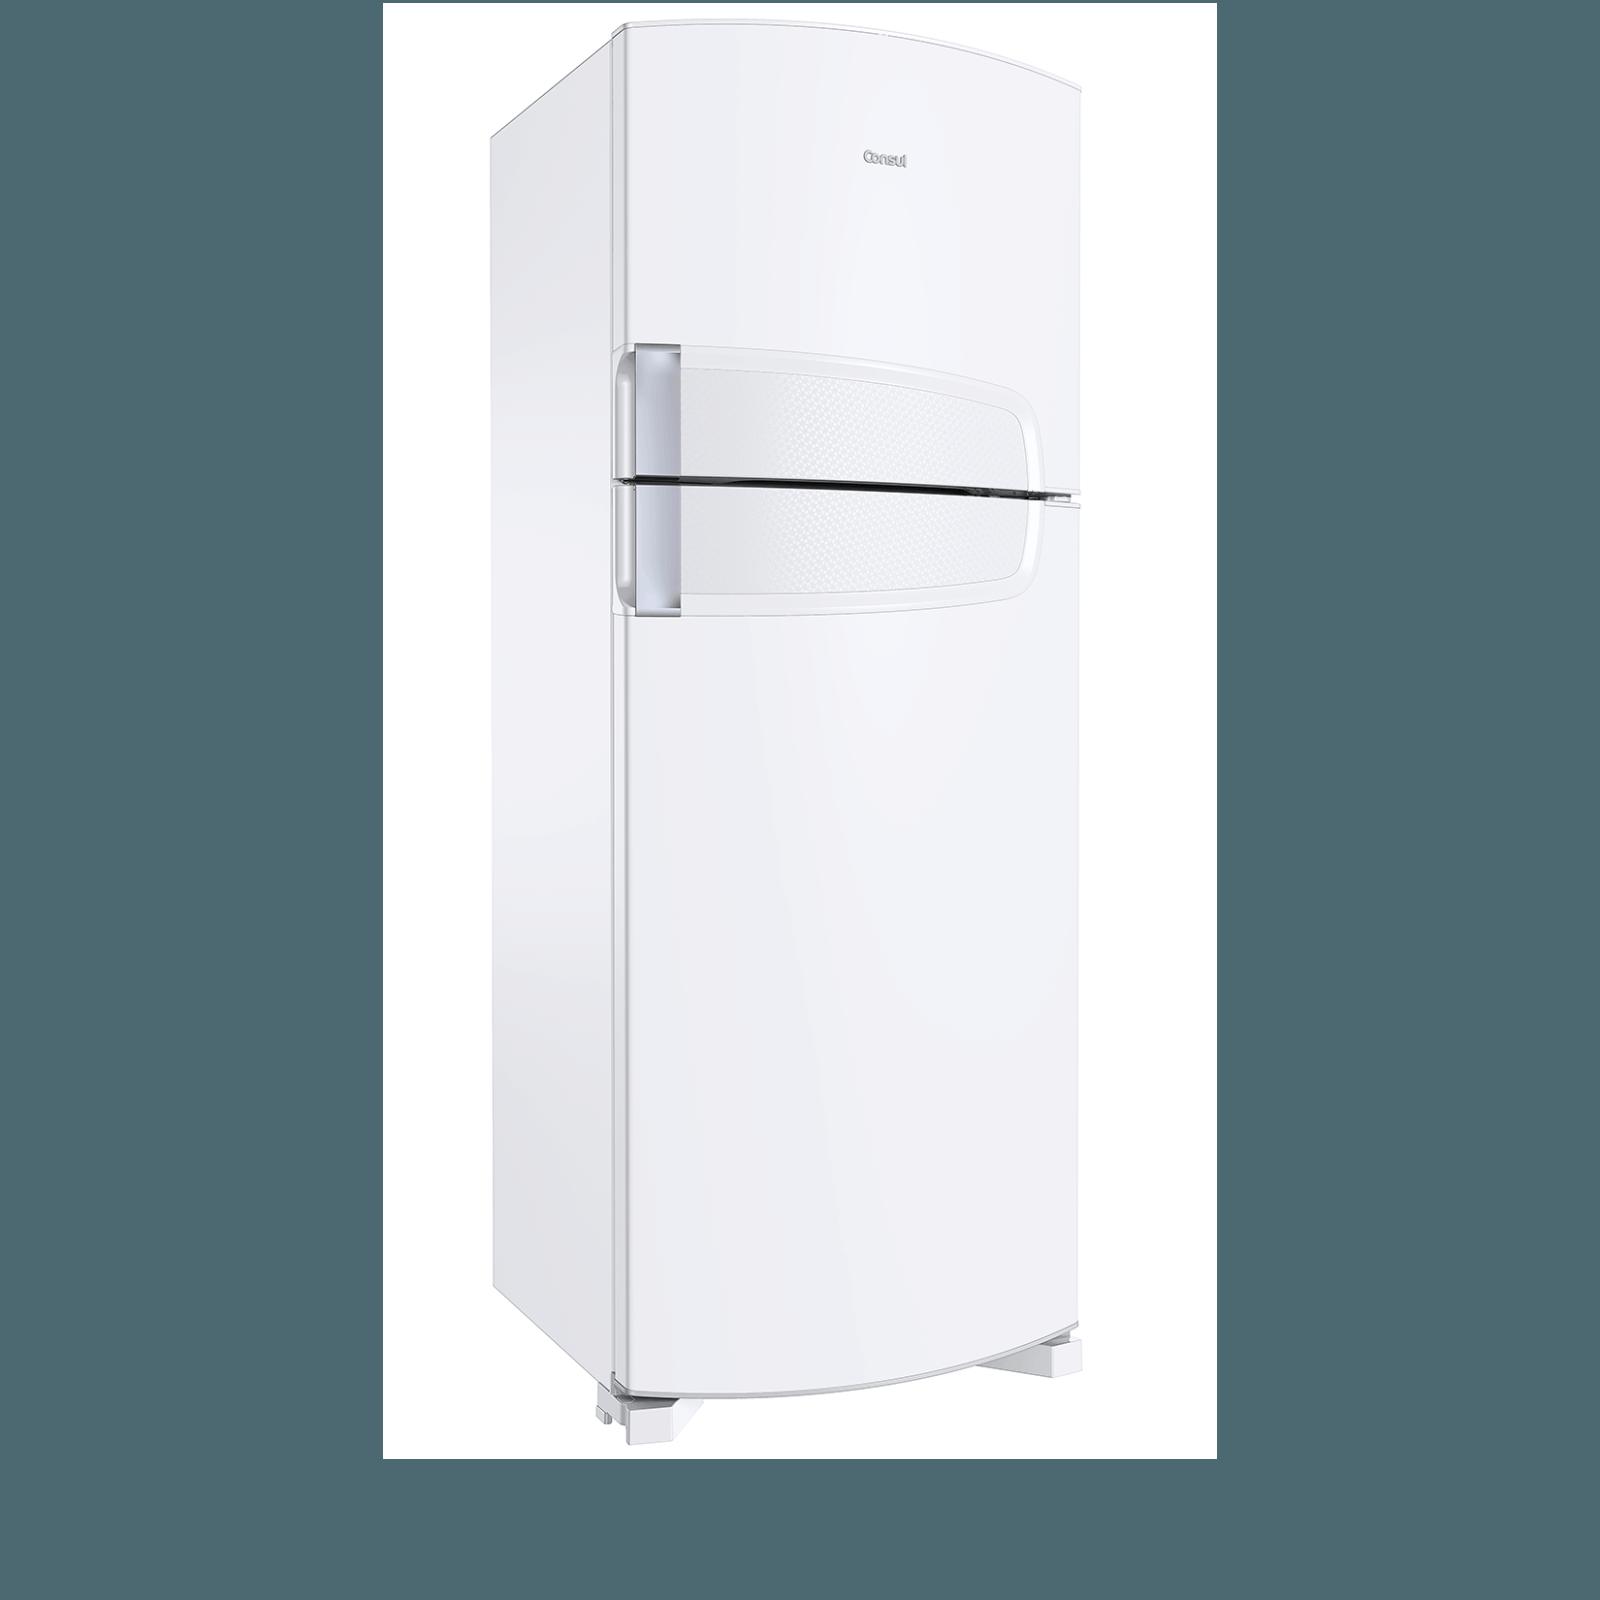 d65dcac65 Geladeira   Refrigerador Duplex 450 litros Cycle Defrost Inox - CRD49AKBNA  - Consul 220 V